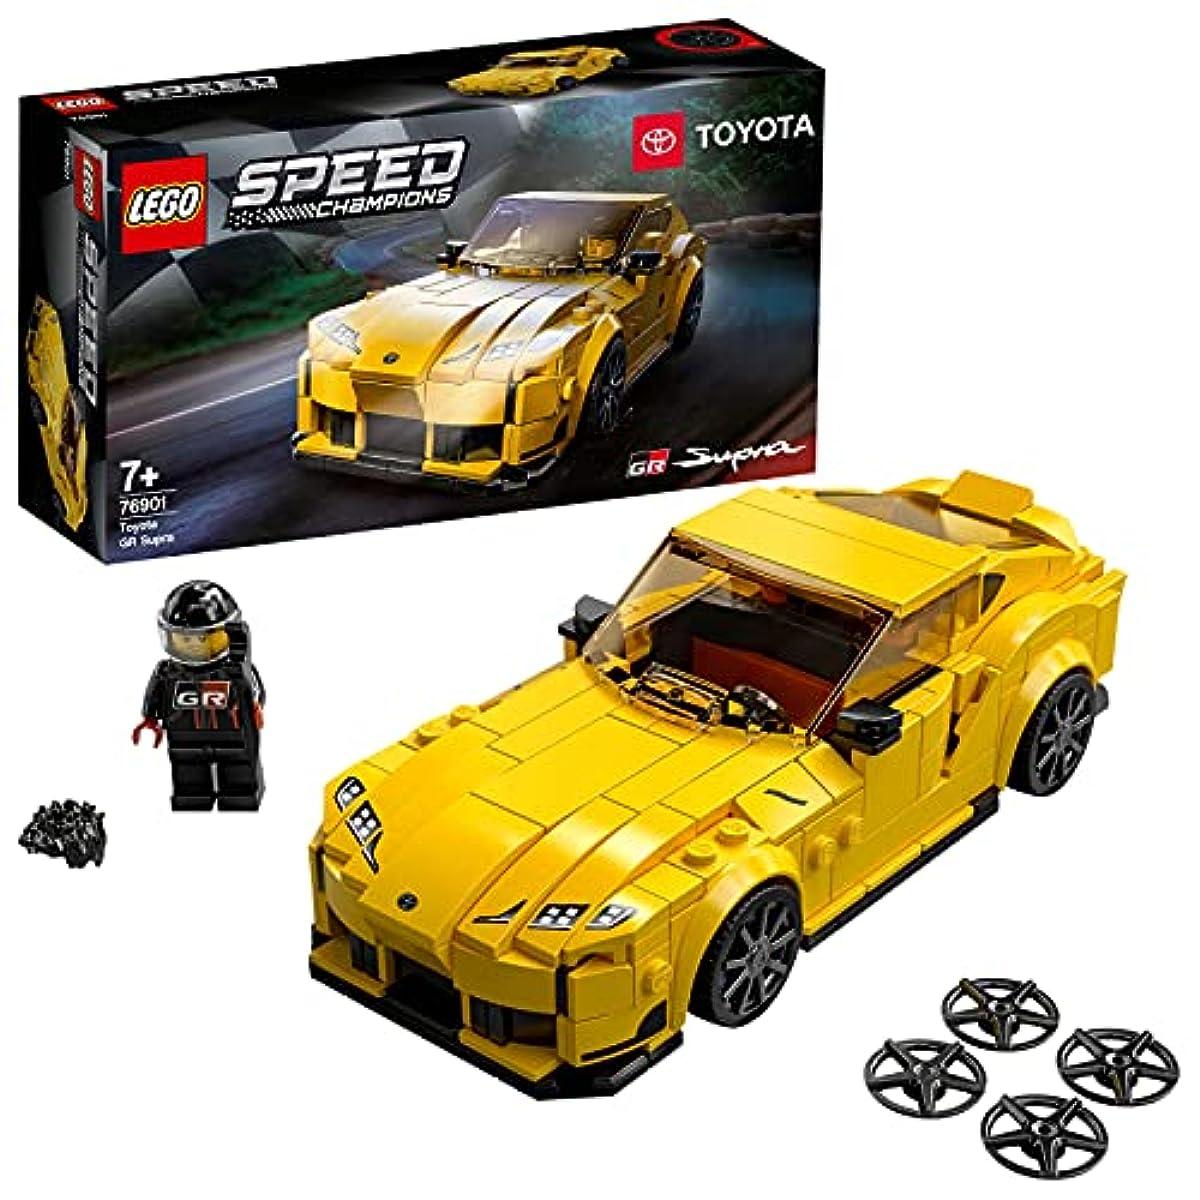 [해외] 레고(LEGO) 스피드 챔피언 도요타 GR 수프라(SUPRA) 76901